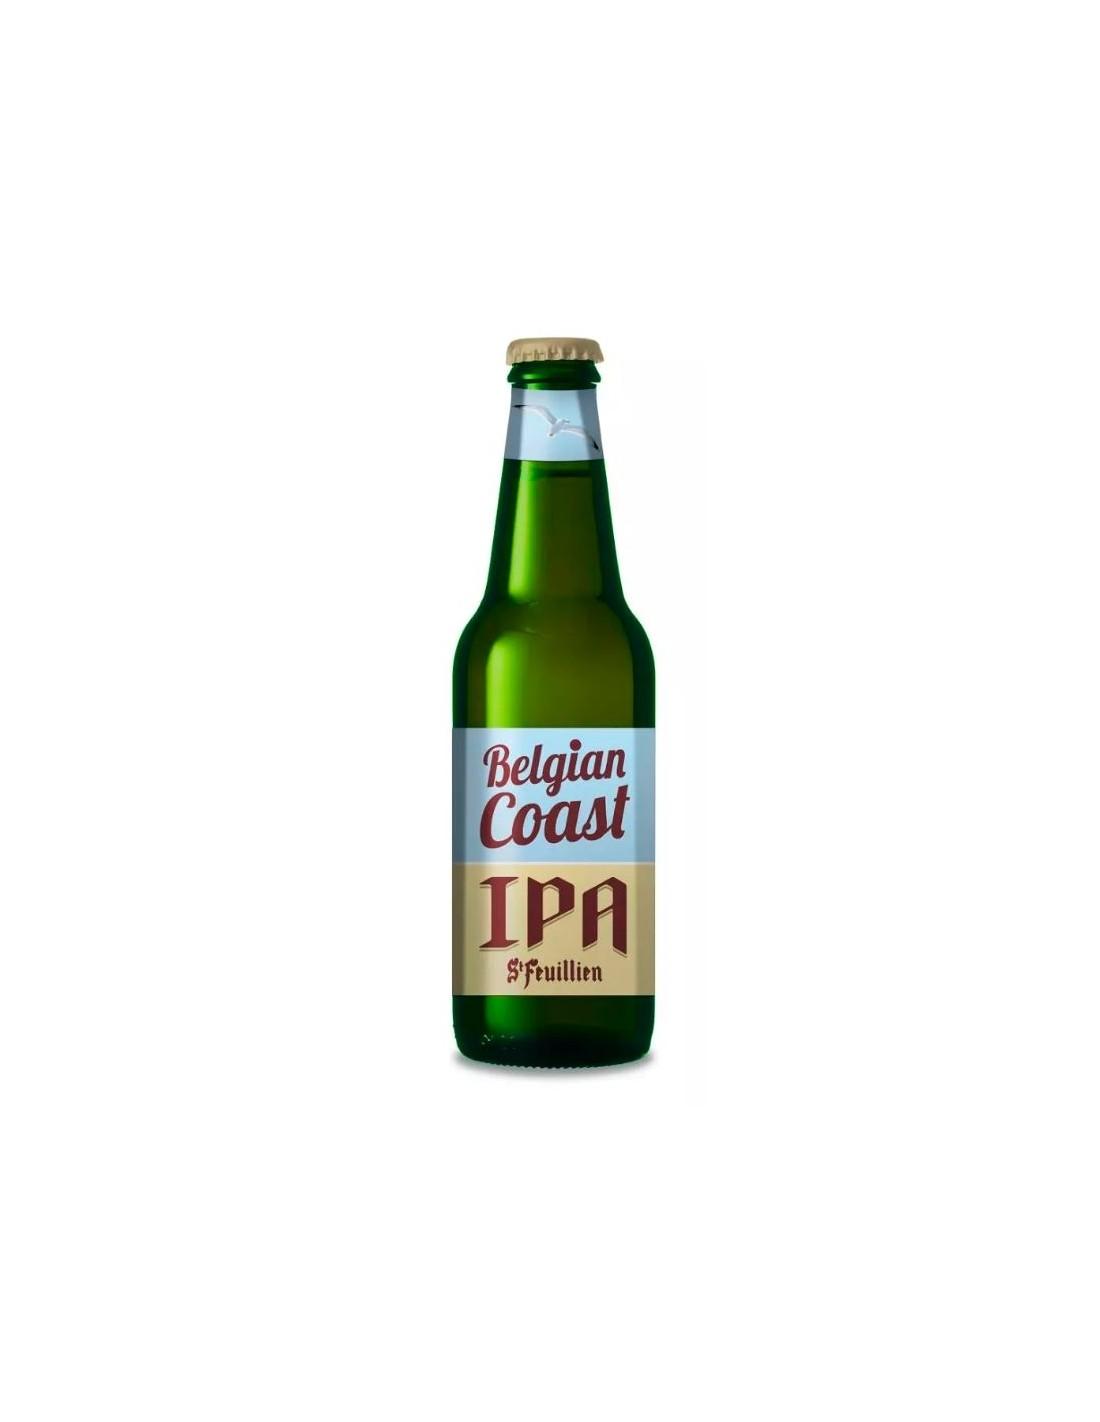 Bere blonda St Feuillien Belgian Coast, 6.5% alc., 0.33L, Belgia